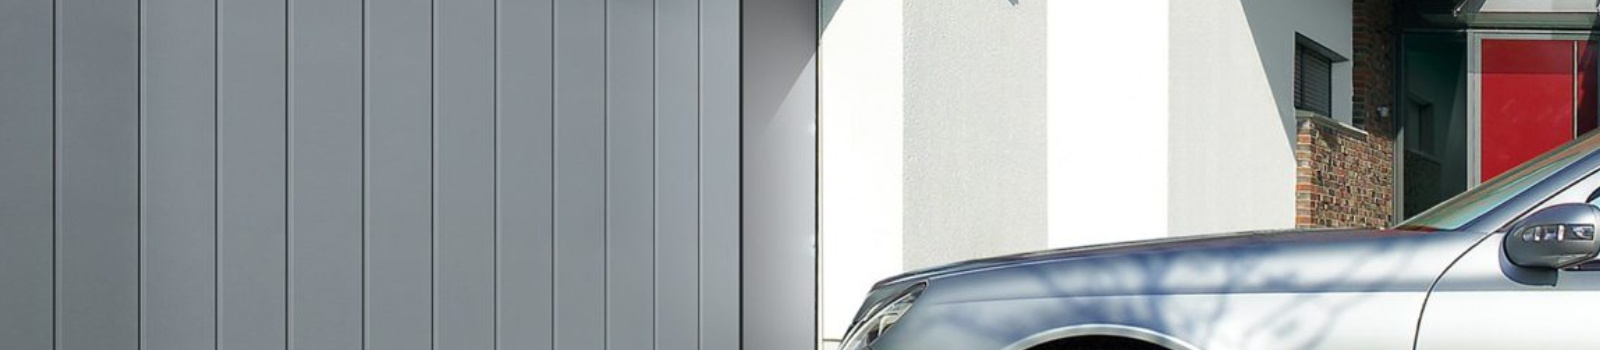 Options spécifiques aux portes de garage latérales